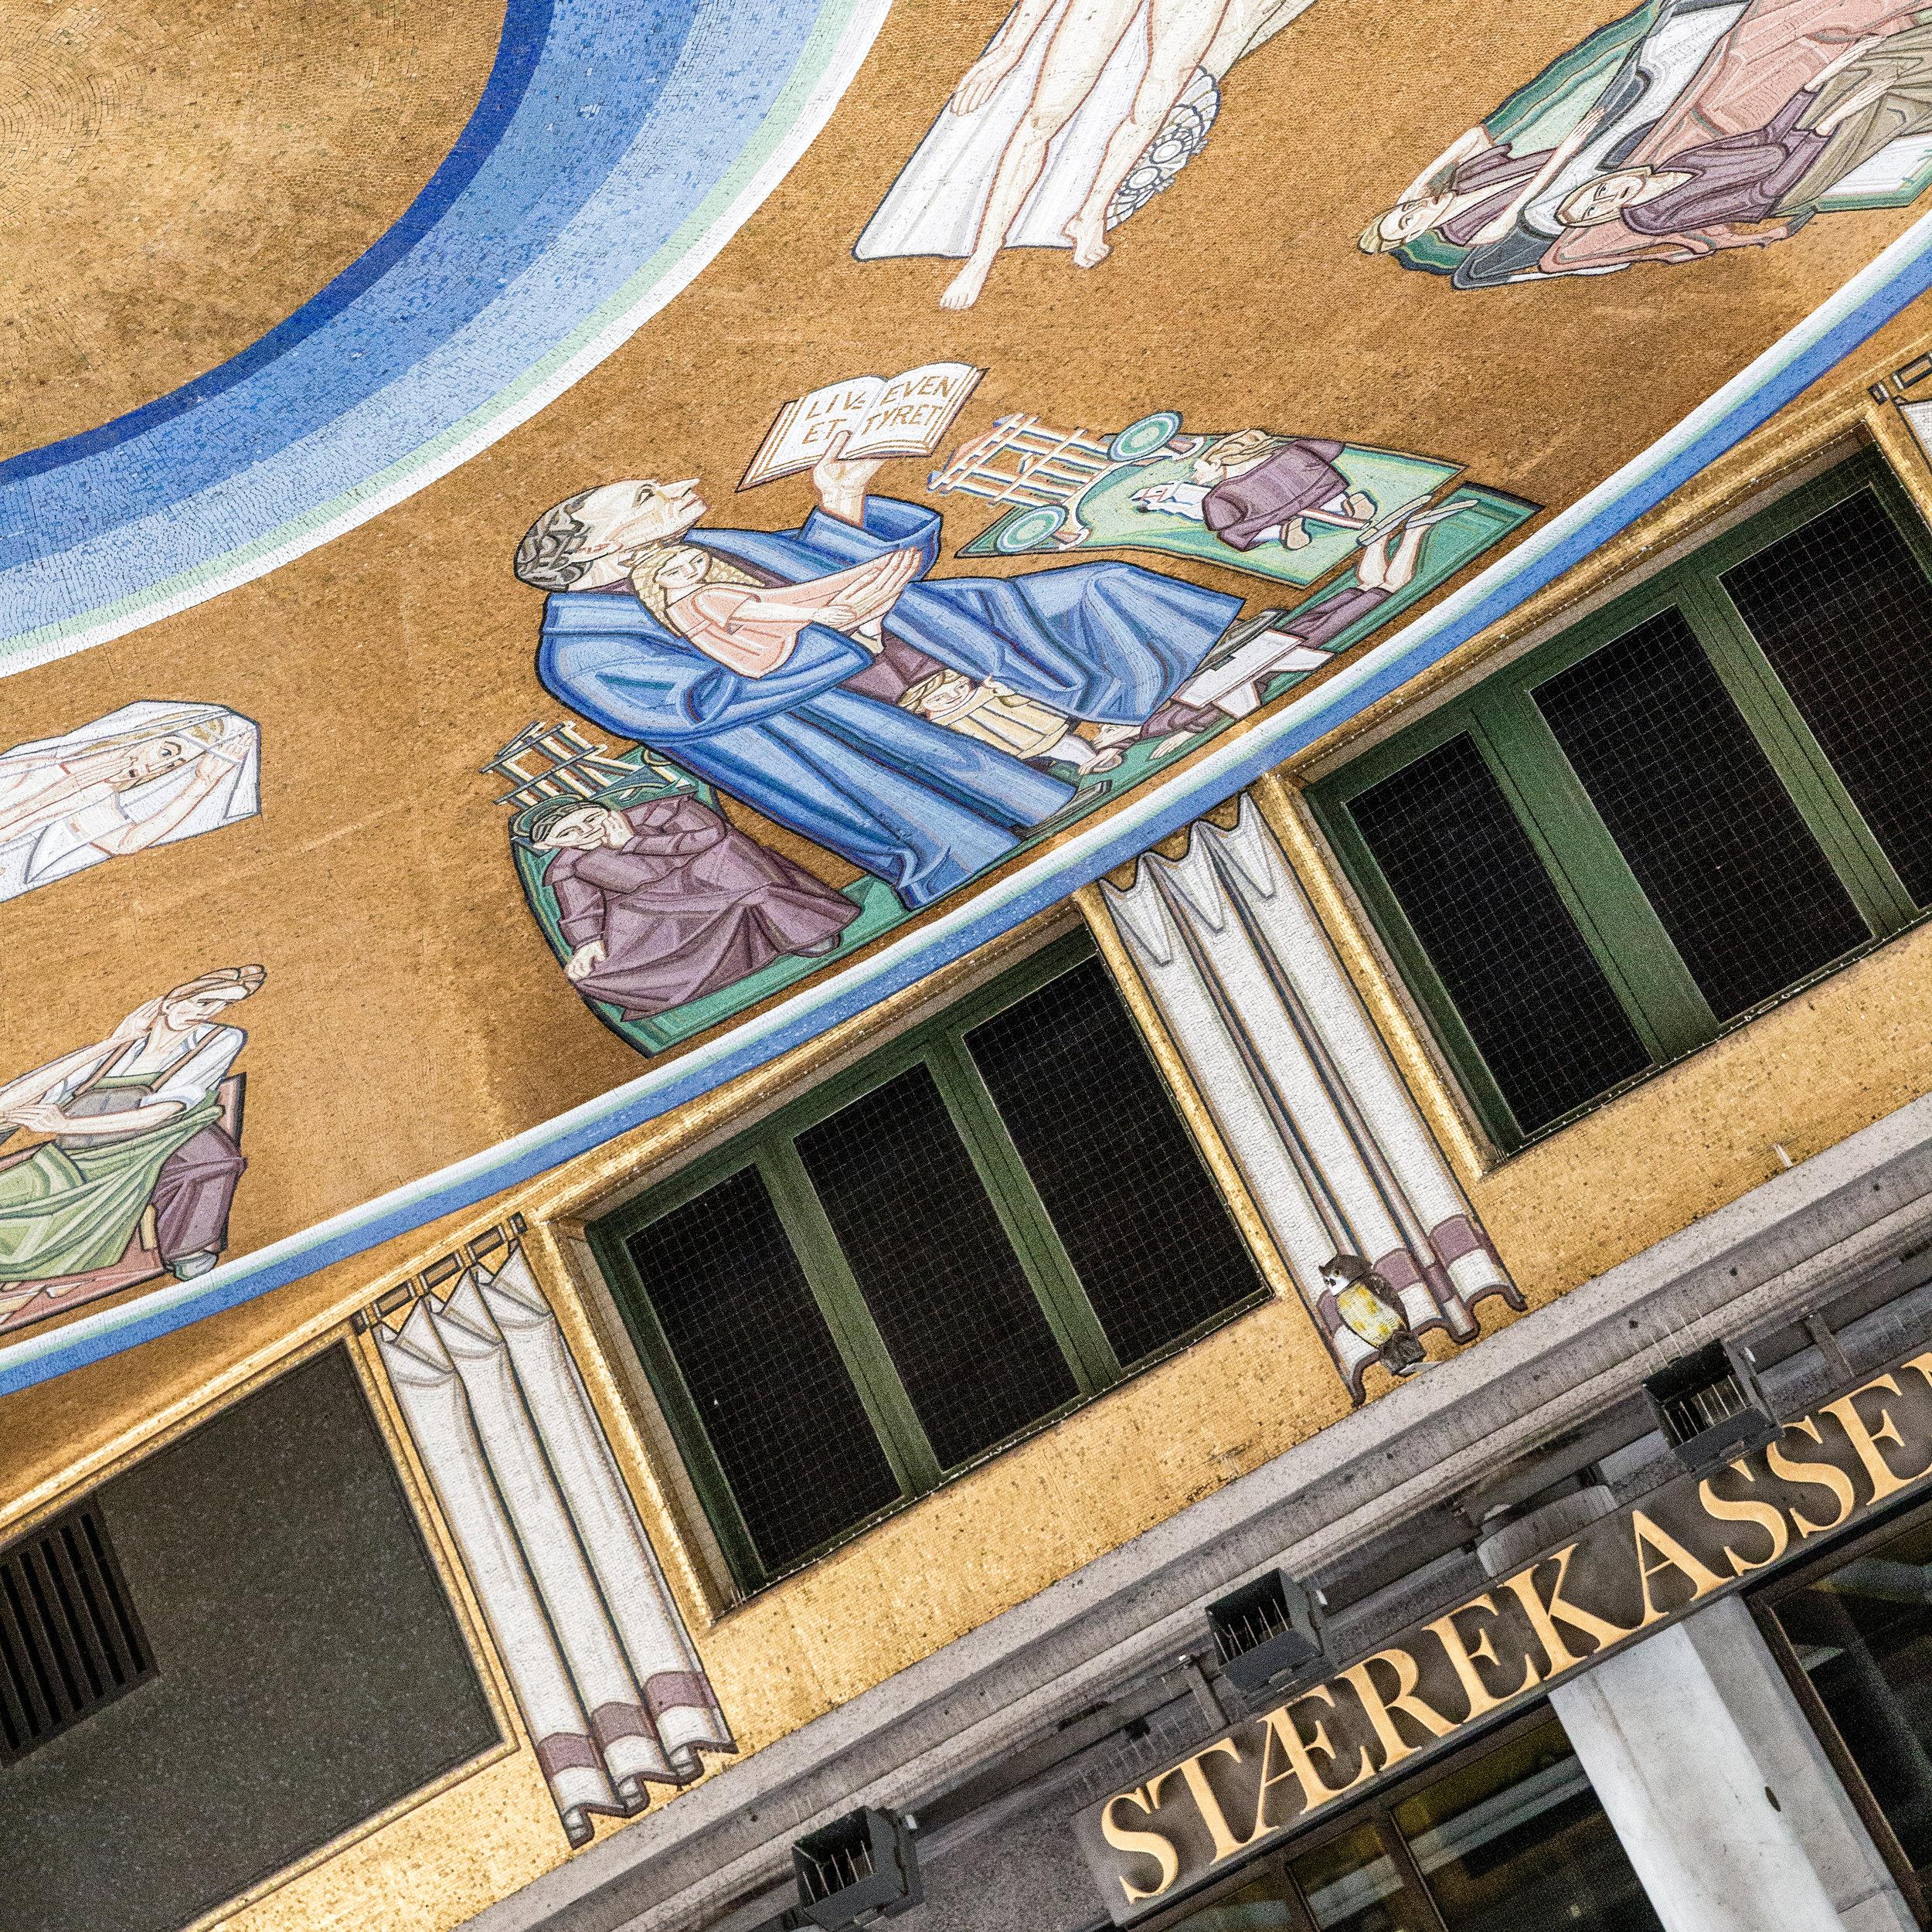 Peder-Skrams-Gade-8-Maimouselle-121.jpg